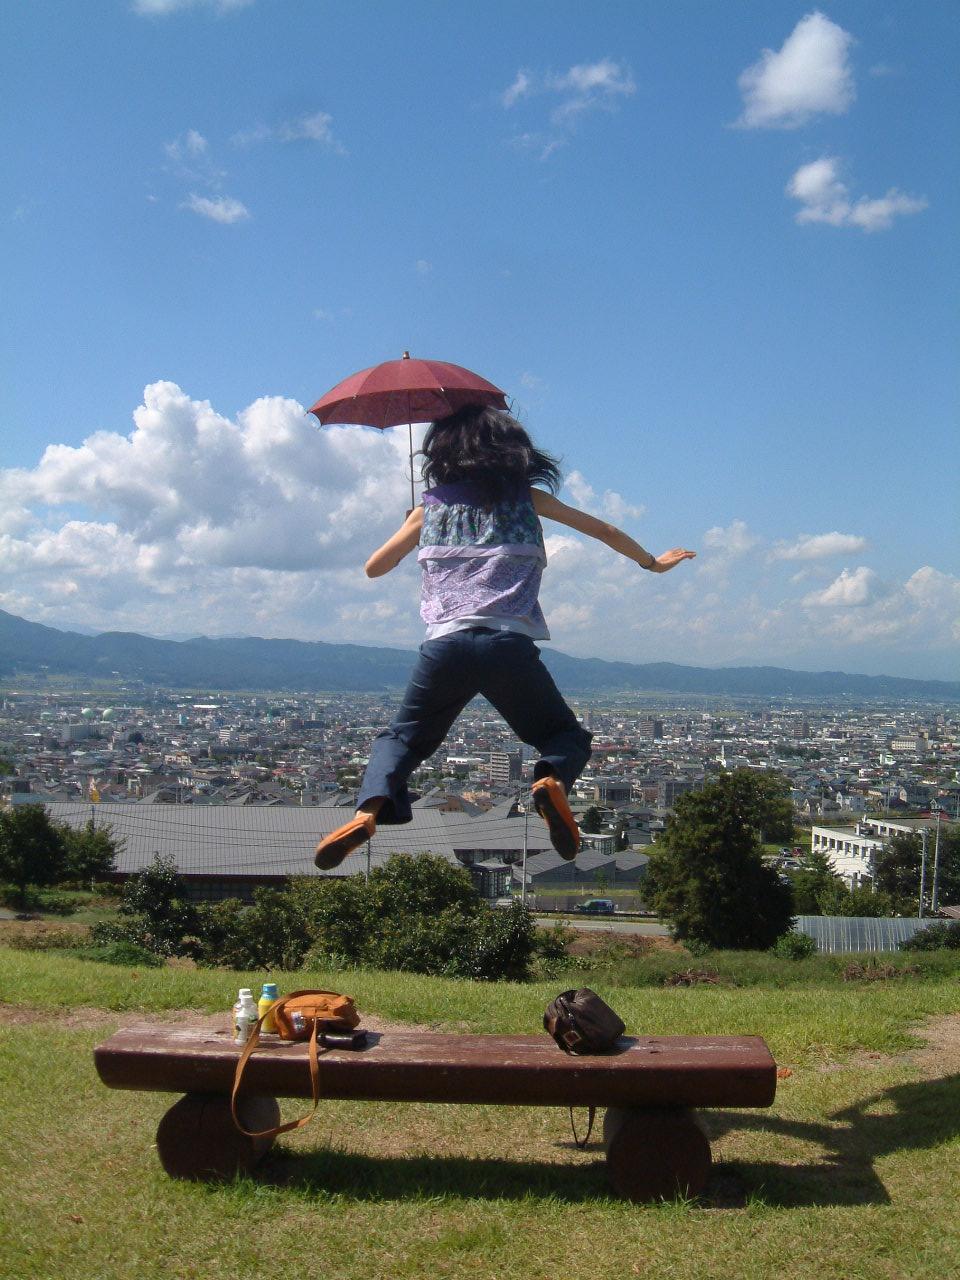 「親方ぁぁぁ!空から女の子が!!」_e0017332_12423369.jpg